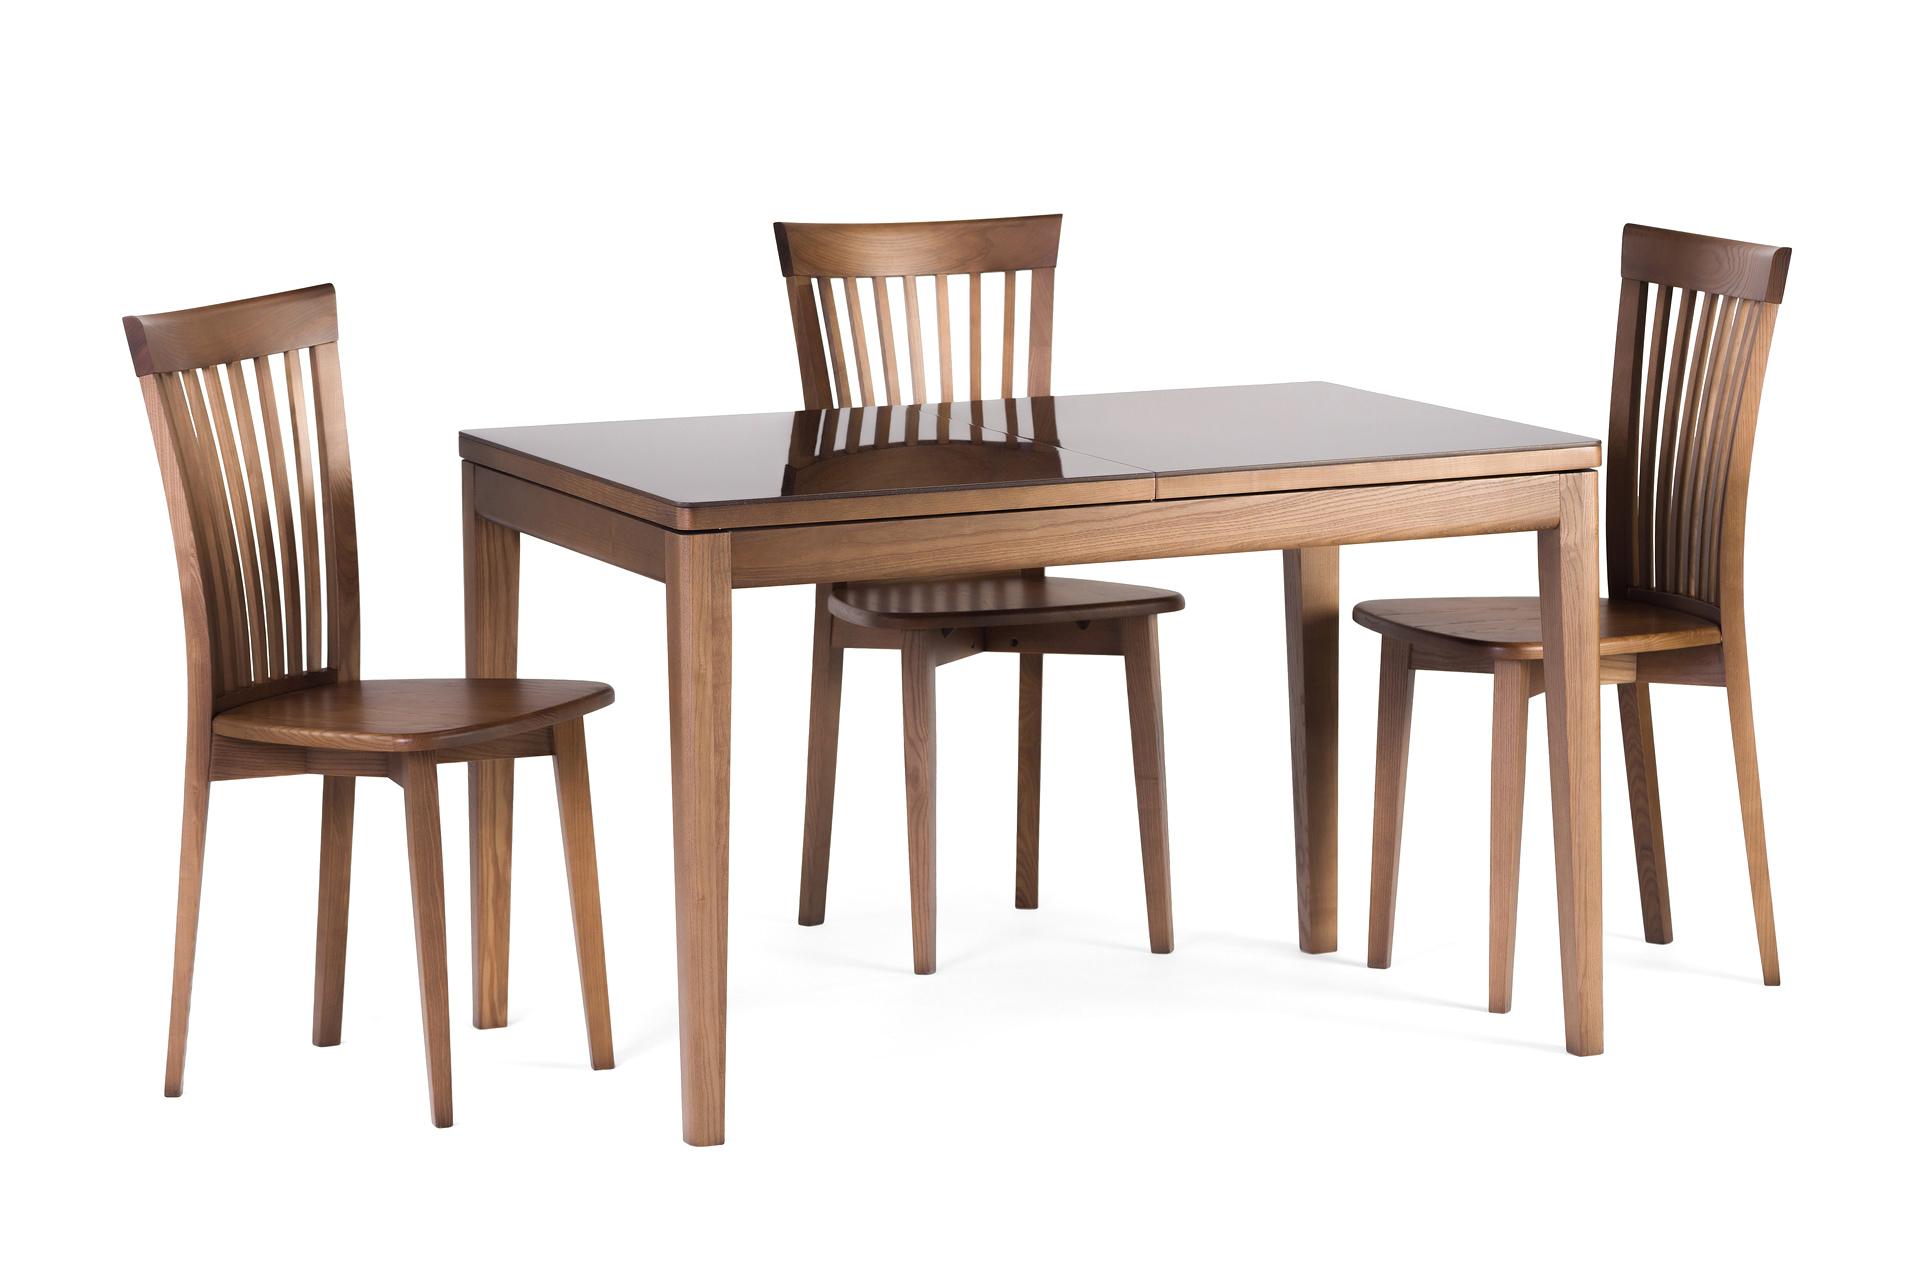 """Обідня група, кухонний комплект: стіл """"Фішер"""" розкладна стільниця з каменю + 4 стільці 07Т з твердим сидінням та спинкой"""